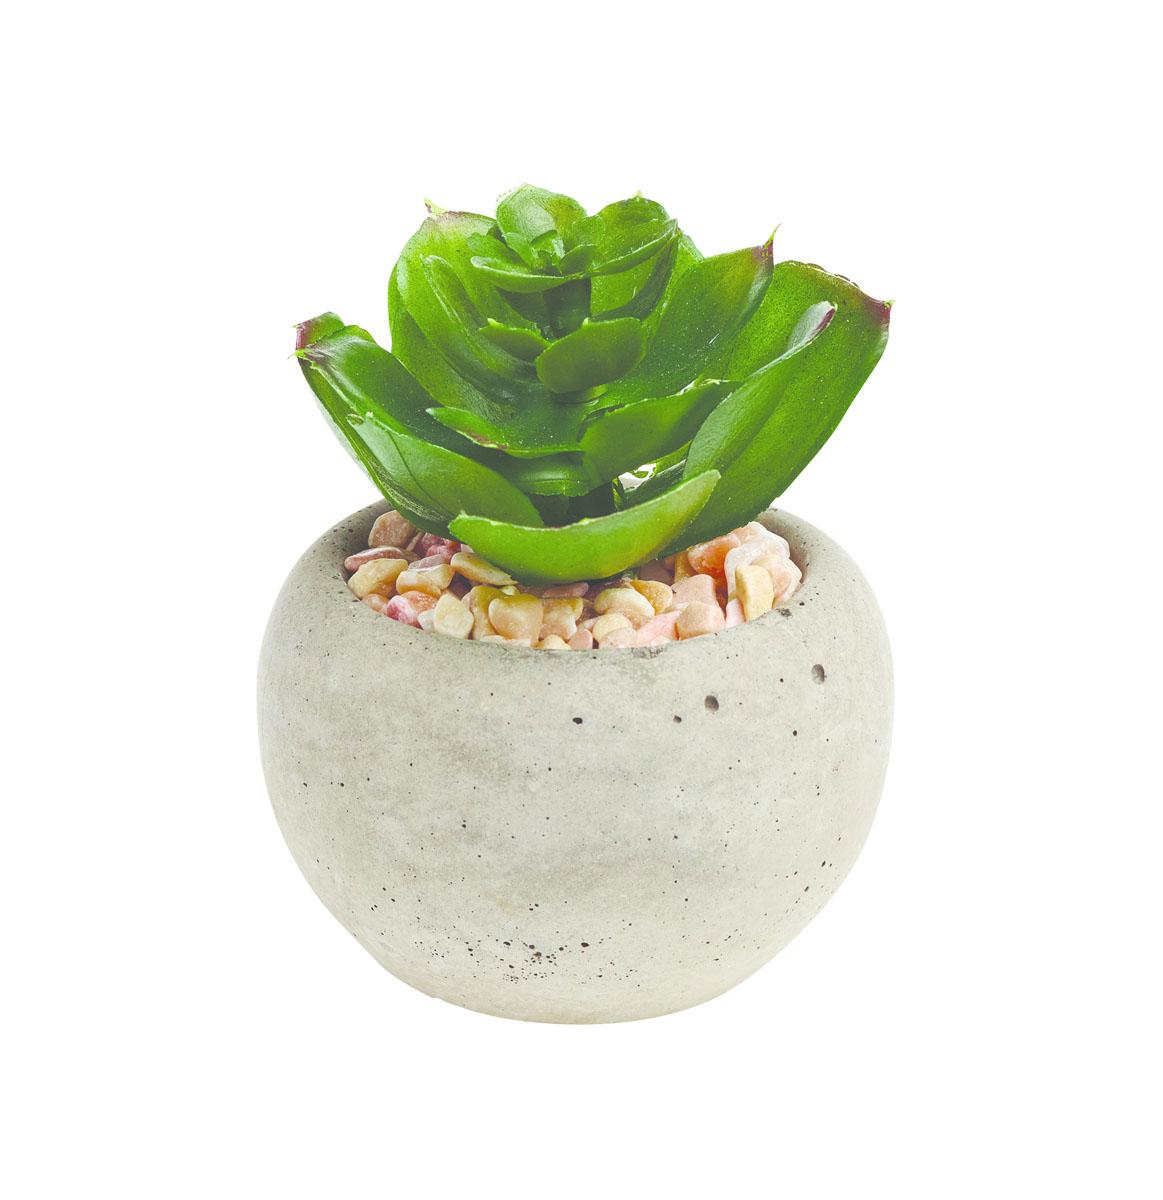 Растение искусственное Gardman, в горшке, 6 х 6 х 8,5 смFS-91909Искусственное растение Gardman выполнено из пластика. Растение помещено в керамический горшок.Изделие устойчиво к воздействиям внешней среды, таким как влажность, солнце, перепады температуры, не выцветает со временем.Искусственное растение Gardman великолепно украсит интерьер офиса, дома или сада.Размеры растения: 6 х 6 х 8,5 см.